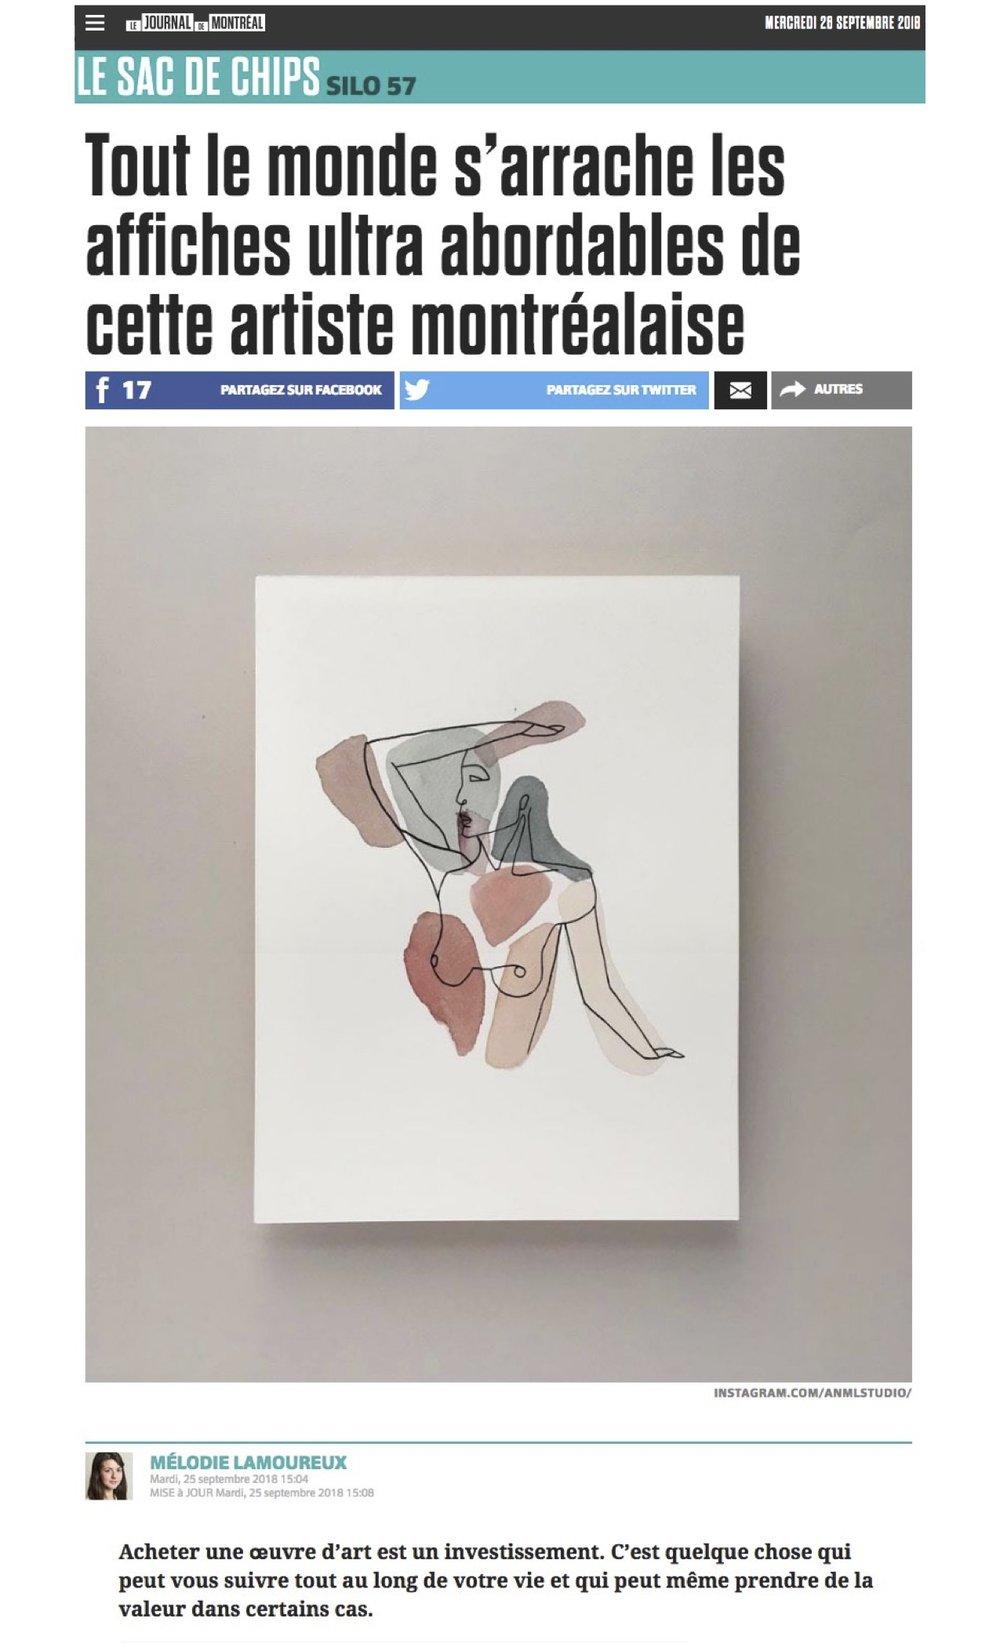 Journal de Montréal September 25th 2018 by   MÉLODIE LAMOUREUX